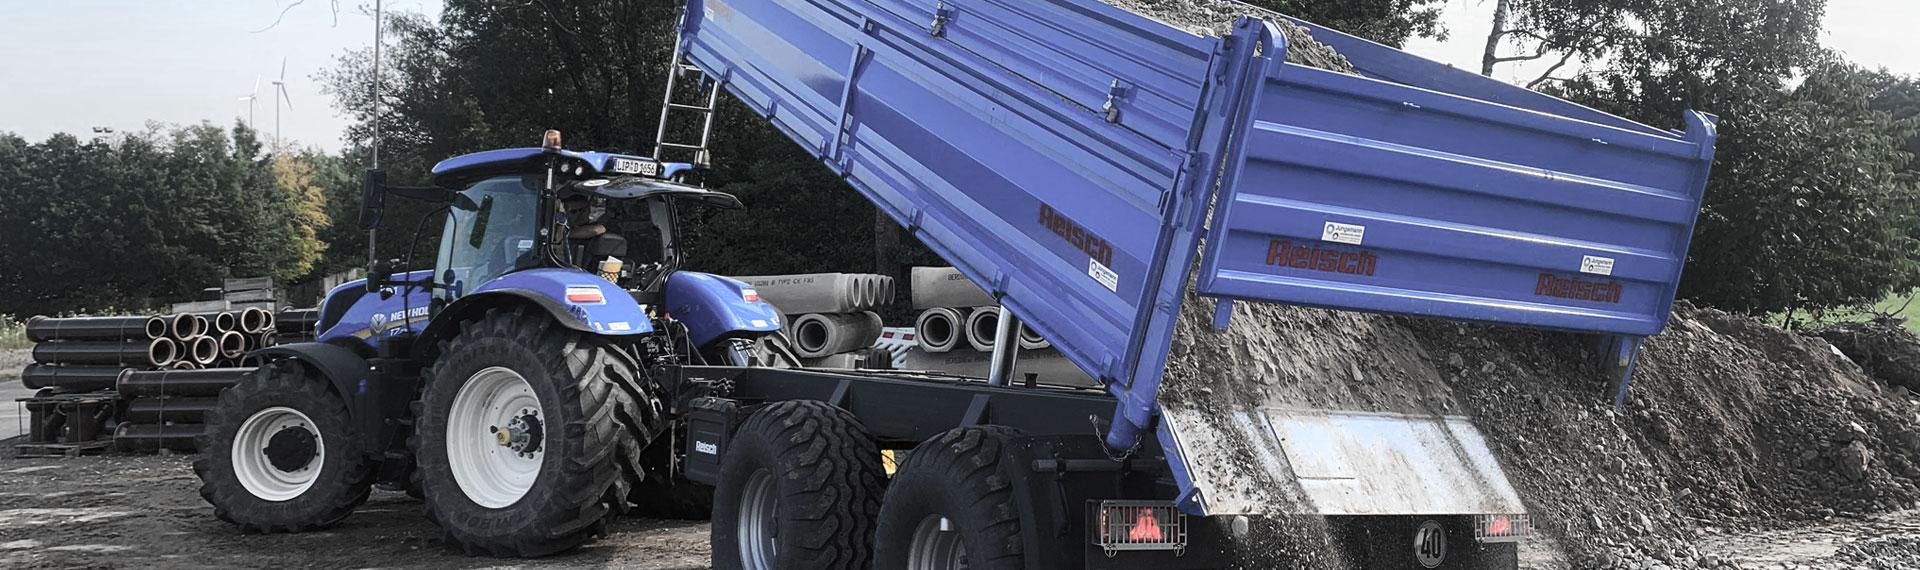 Une benne basculante bleue, à la carrosserie en tôle d'acier Hardox®, déchargeant de la roche.